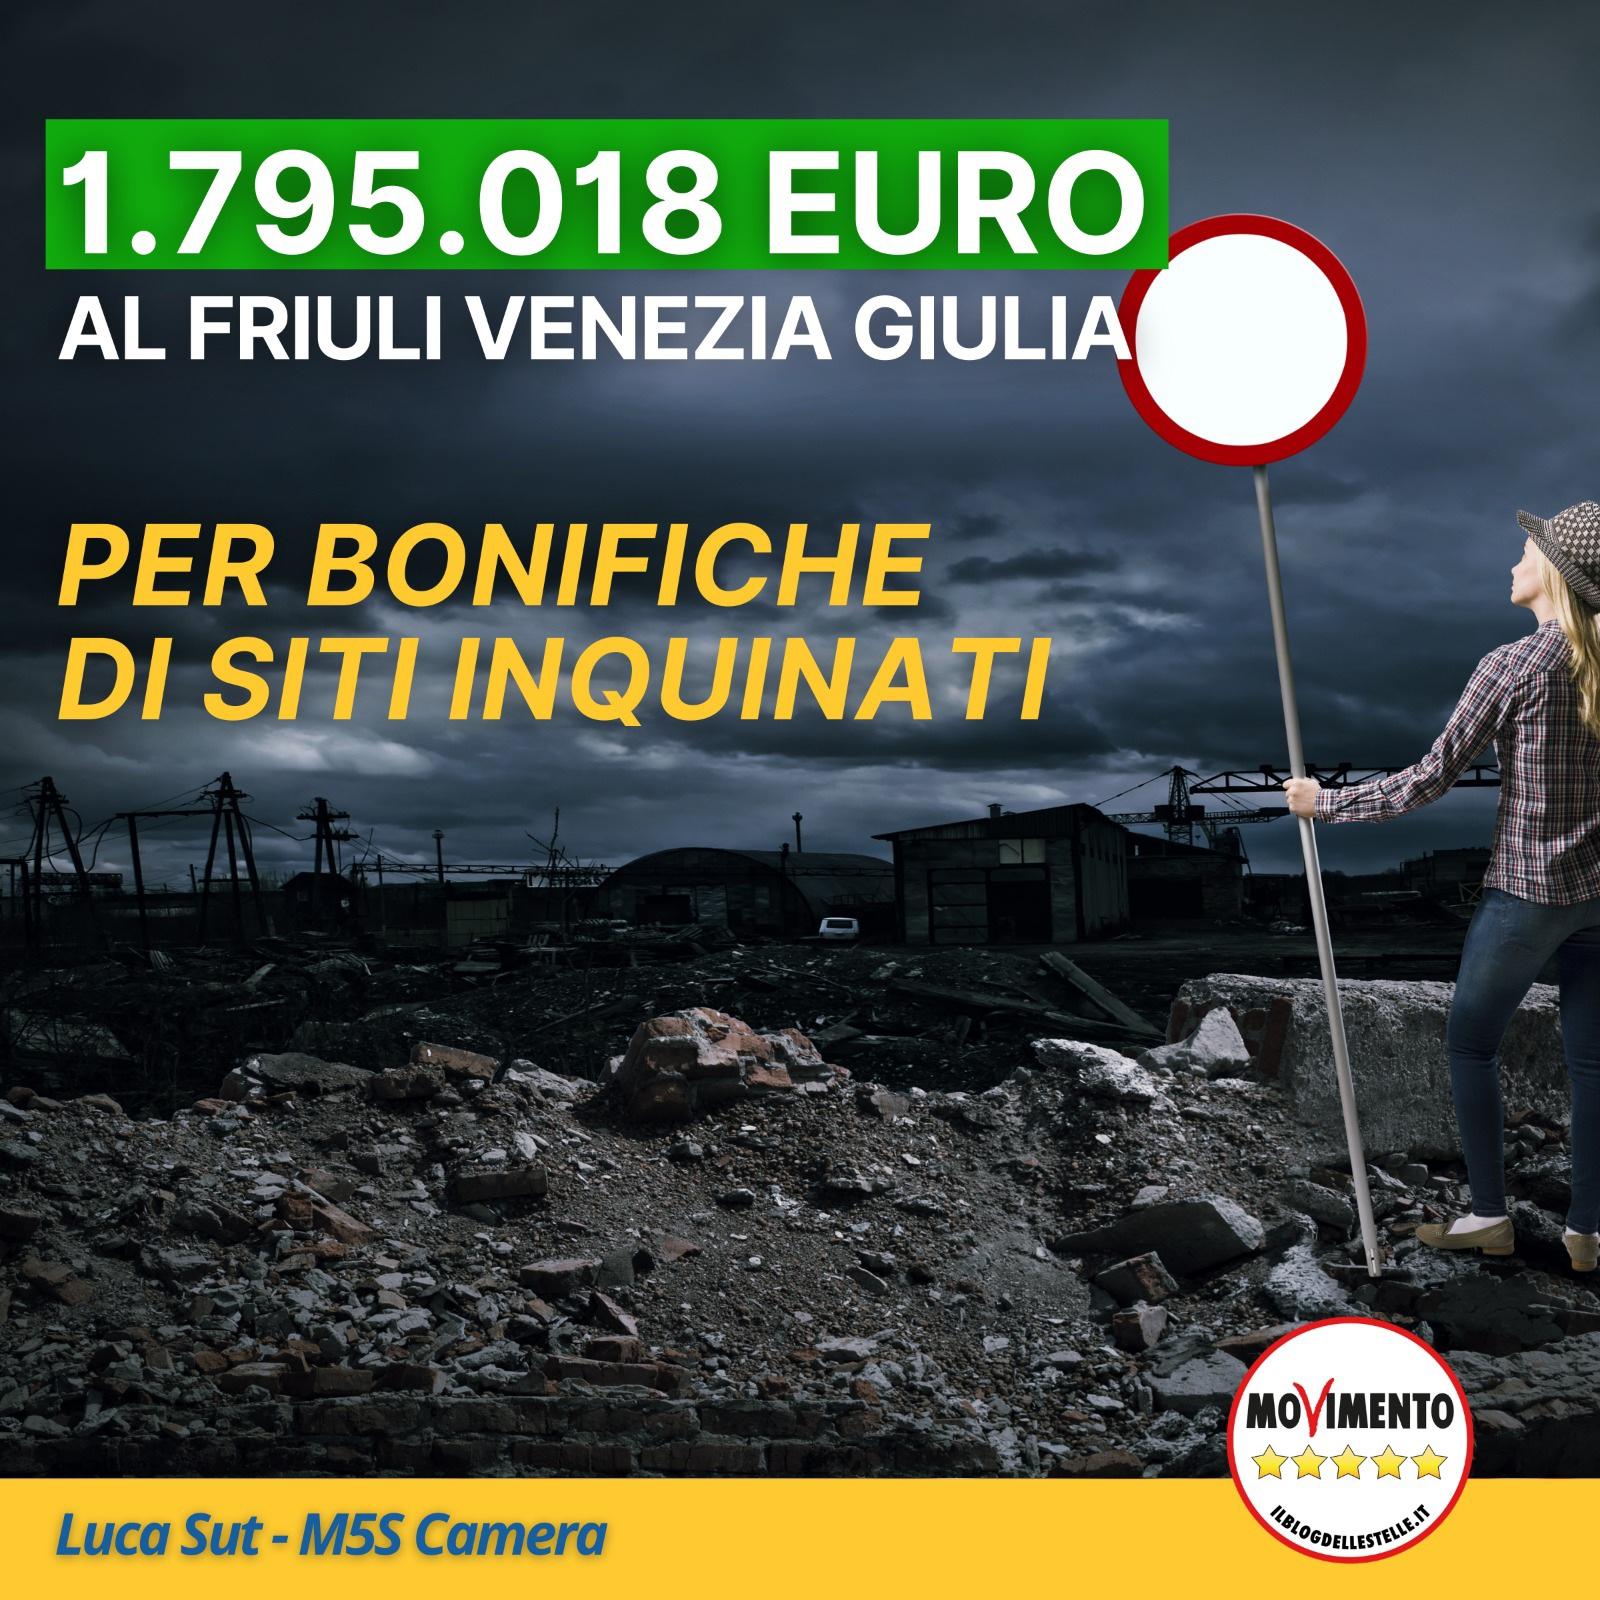 Read more about the article Stanziati oltre 105 milioni di euro per bonifiche di siti inquinanti abbandonati, di questi ben 1.795.018 € sono destinati al Friuli Venezia Giulia.